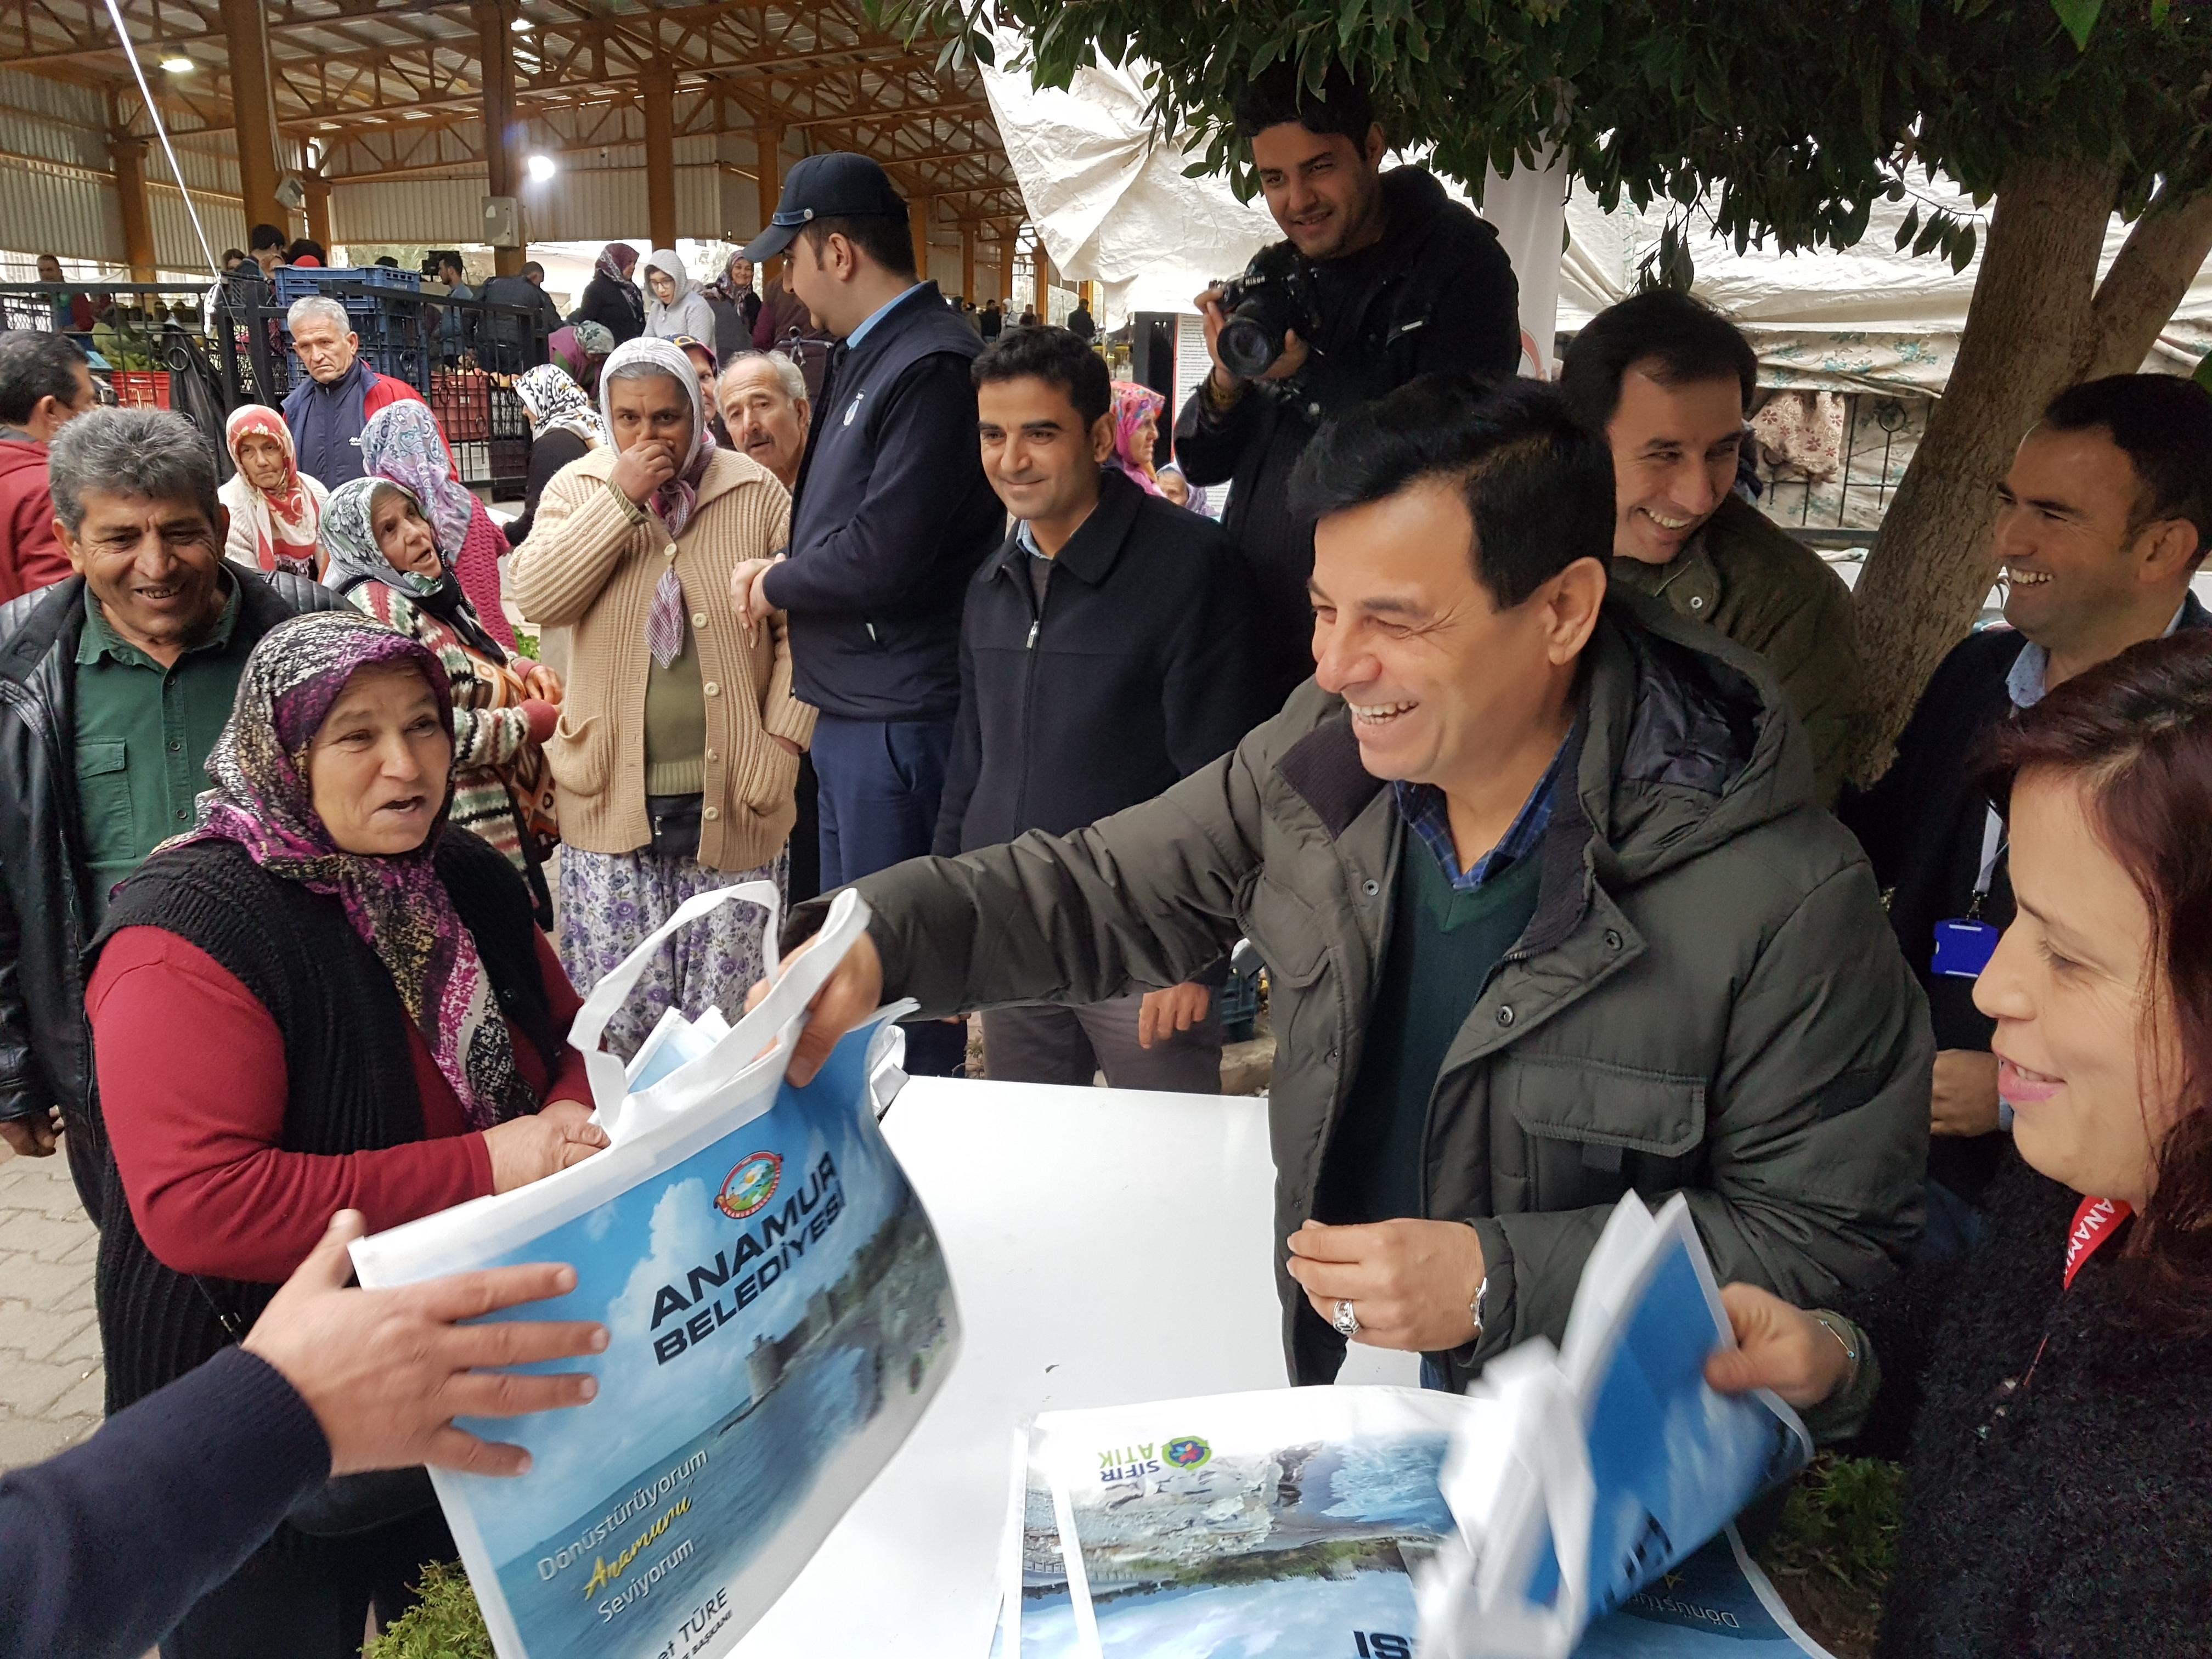 Anamur Belediyesi 5 bin adet bez torba dağıttı